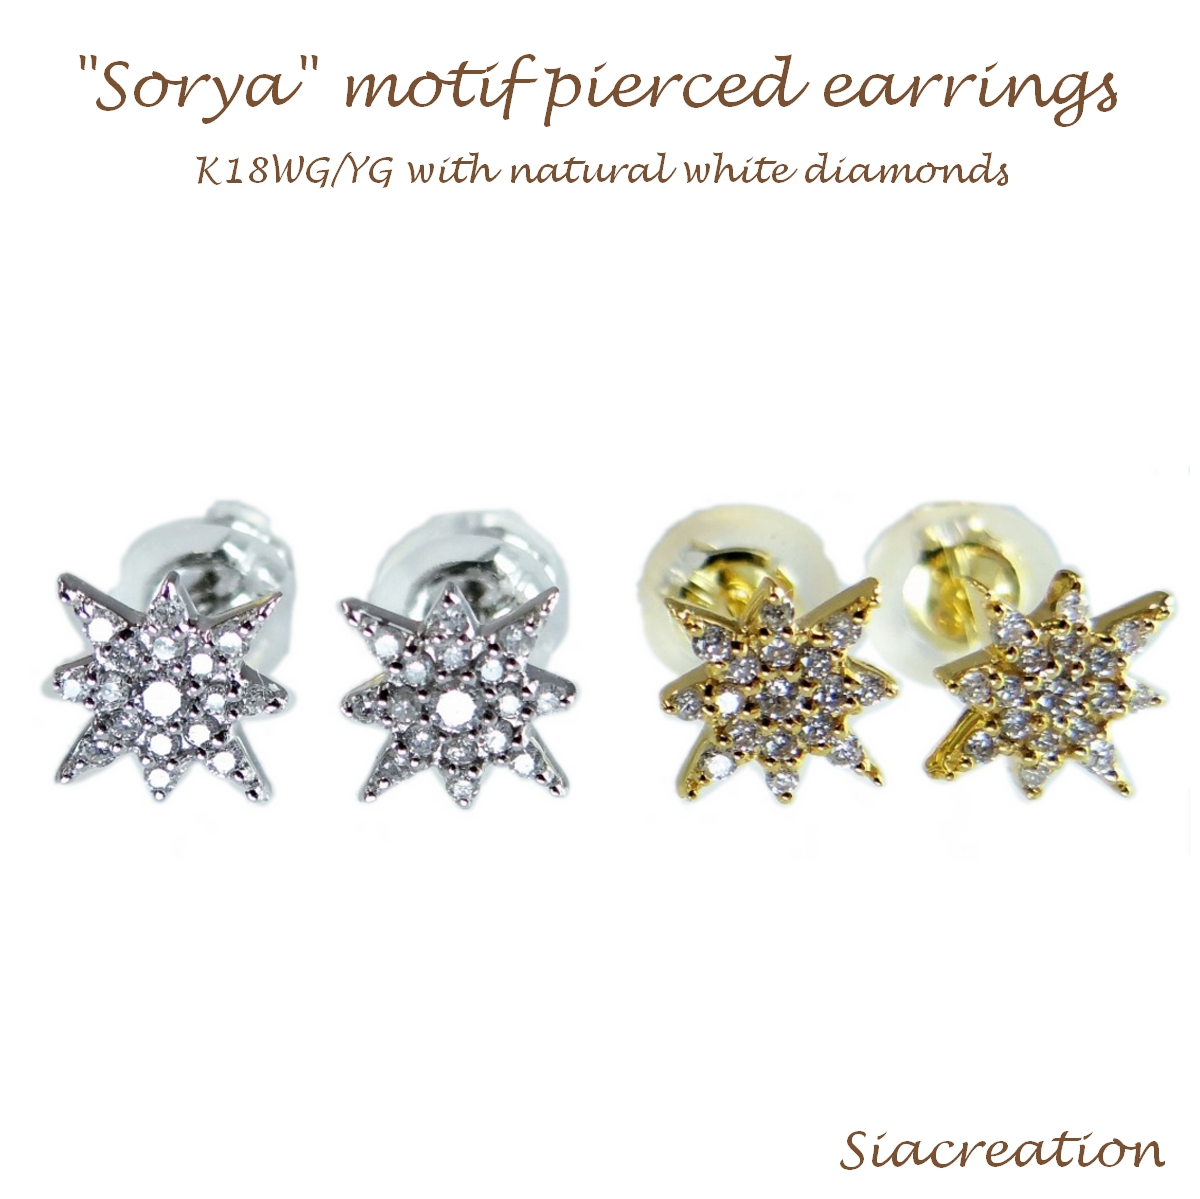 ヒンディー語で太陽を意味する Sorya (ソーリャ) をモチーフにしたスタッドピアス 人気のデザイン 18金イエローゴールド/ホワイトゴールド 計17ピース 0.125ct メレダイヤ 天然ダイヤモンド インドジュエリー K18YG 星 スター